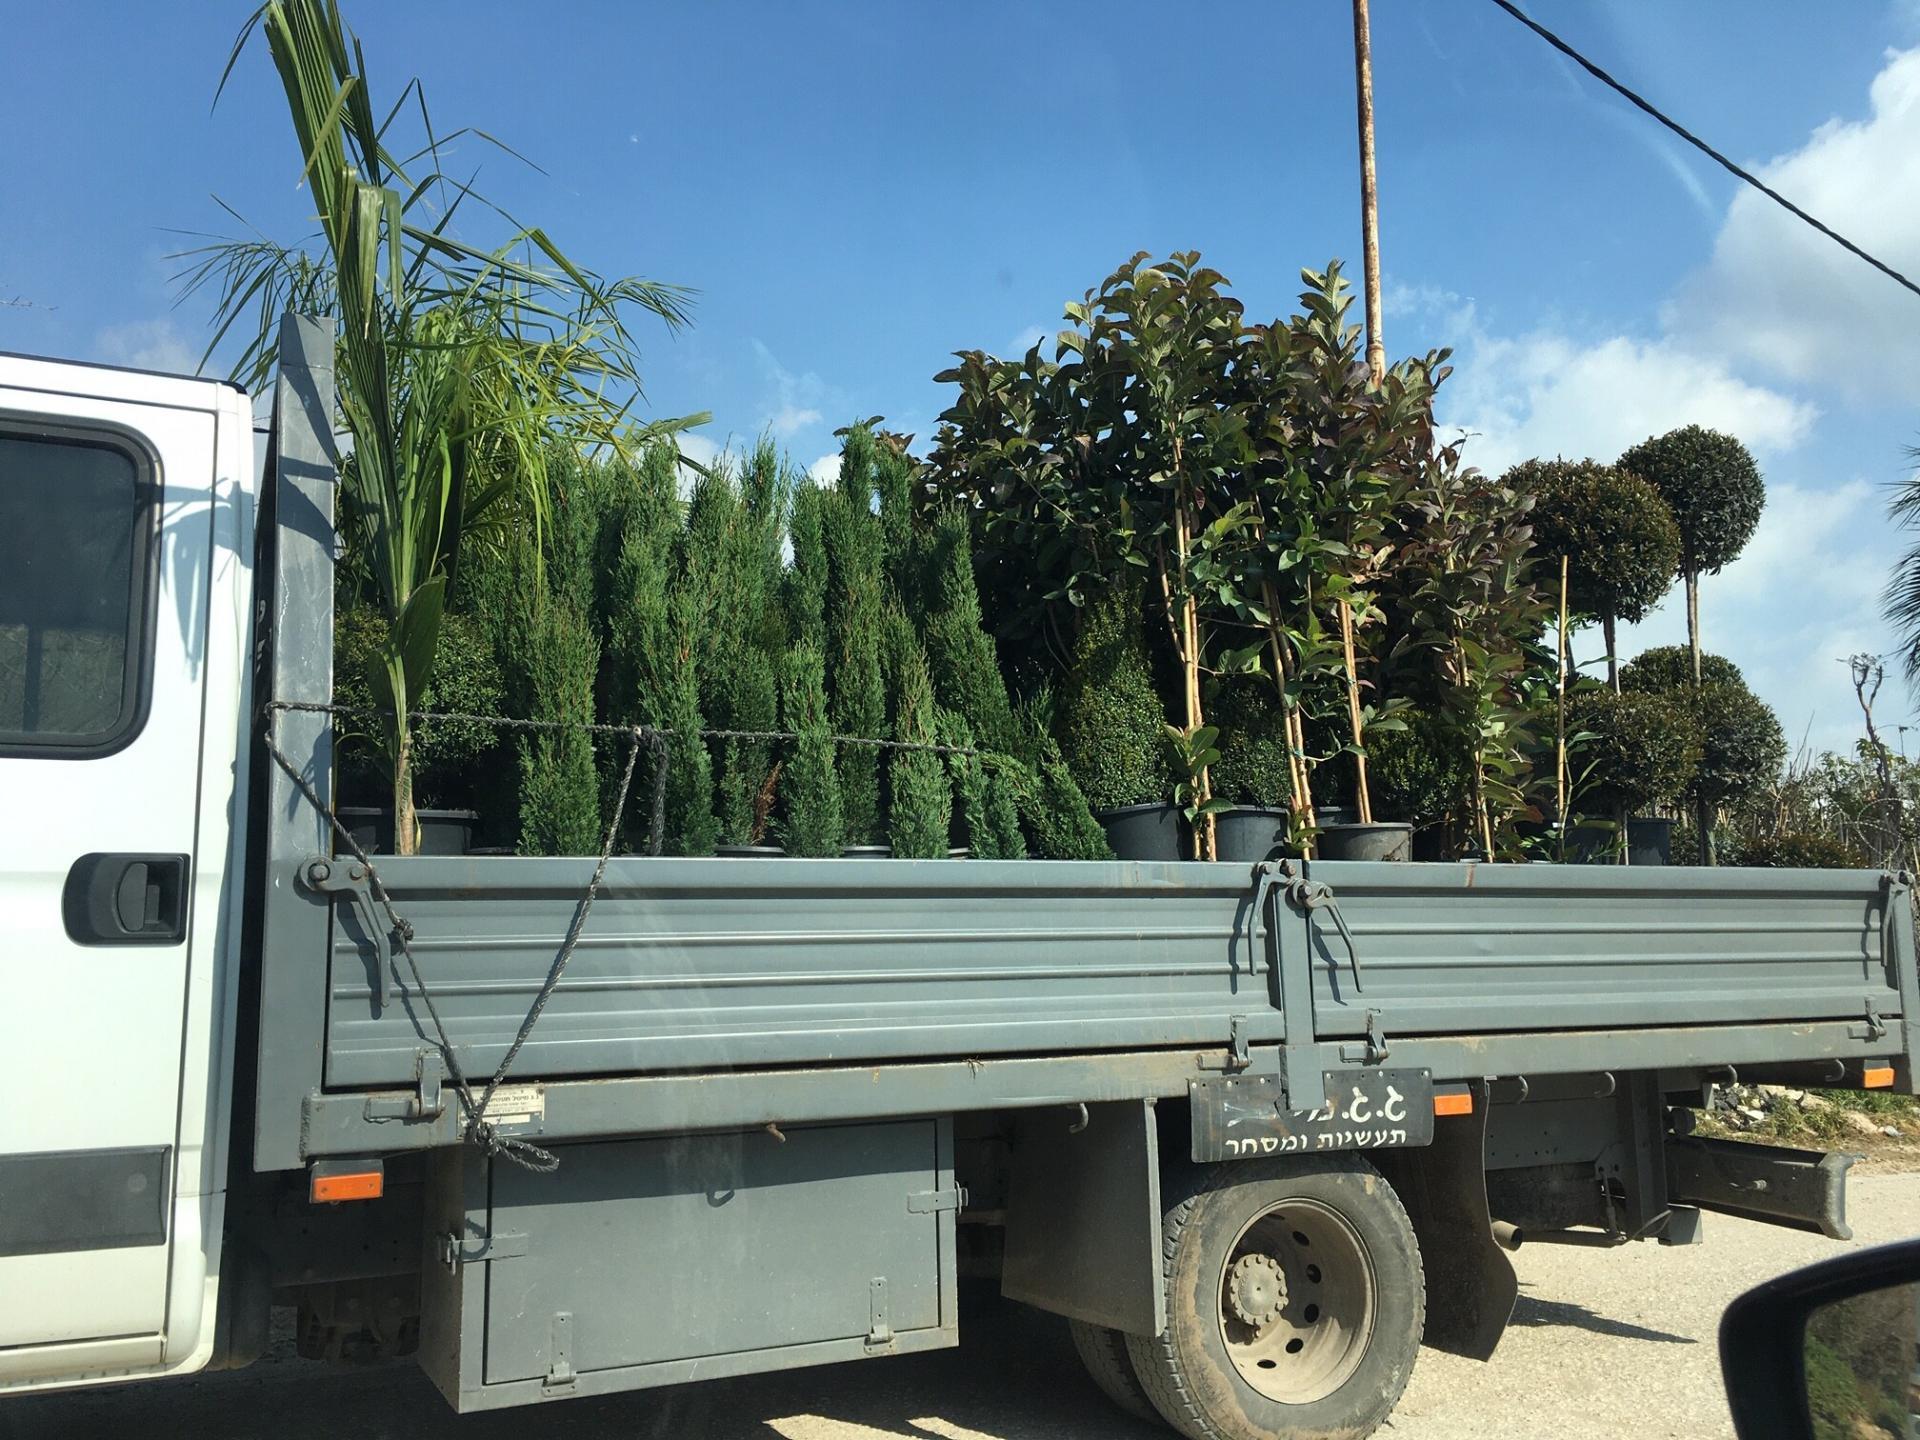 משאית עמוסת עצים צעירים יוצאת ממחסום חבלה